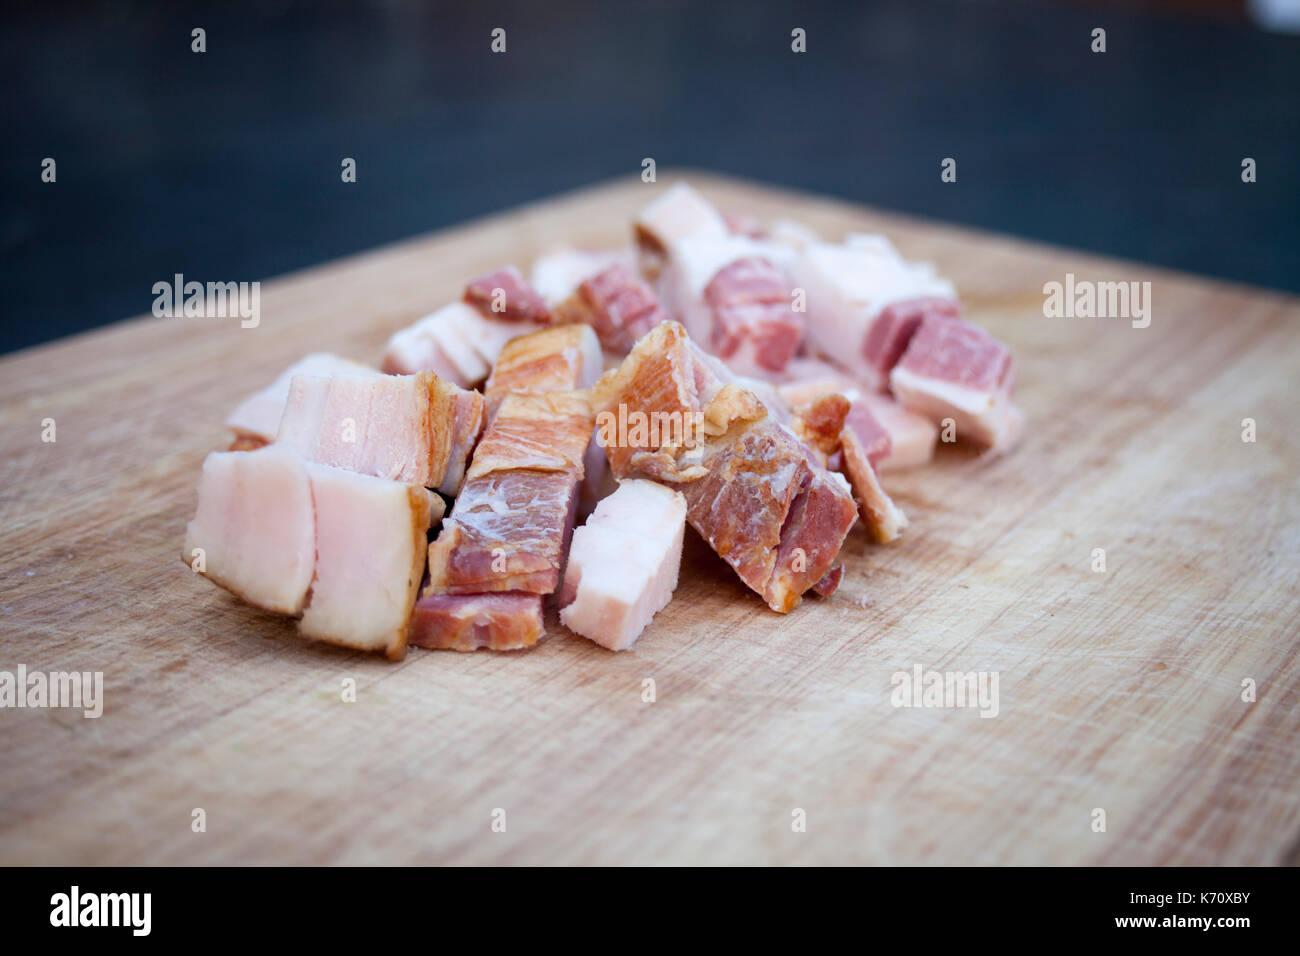 La bacon frais sur la planche à découper en bois Photo Stock